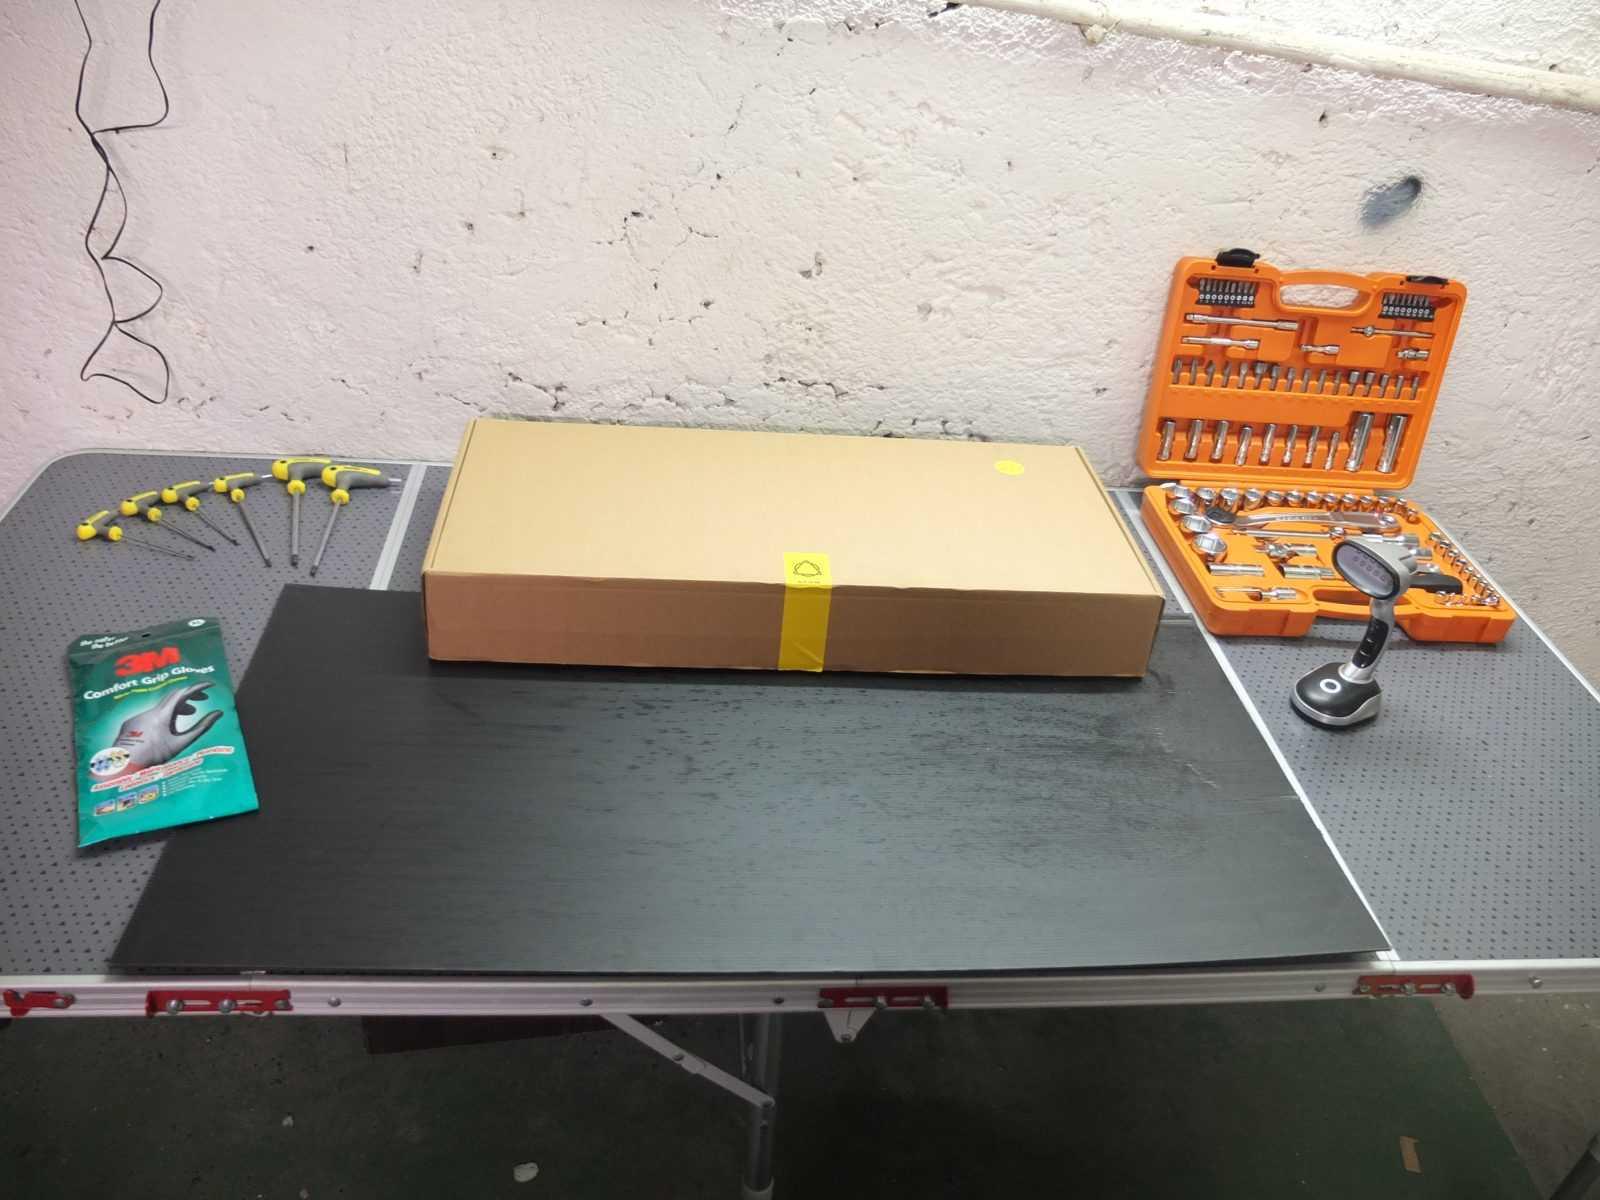 Banco Da Lavoro In Kit Di Montaggio : Tavolo da lavoro per il montaggio della atom 2.0 sharemind news